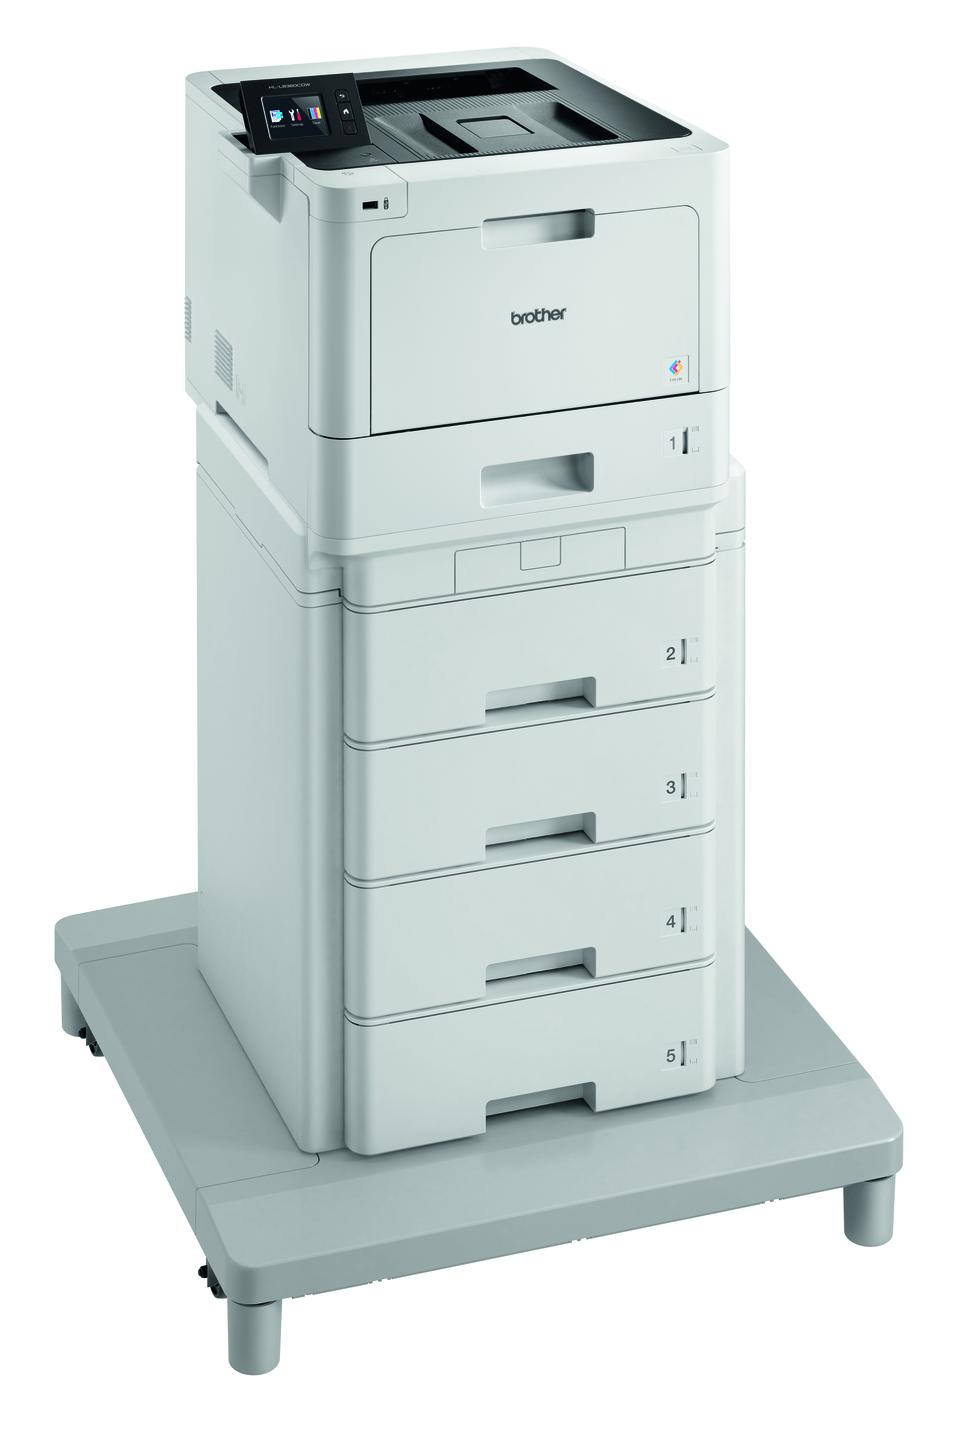 HL-L8360CDWMT - värilasertulostin paperitornilla ja liitäntäyksiköllä 3